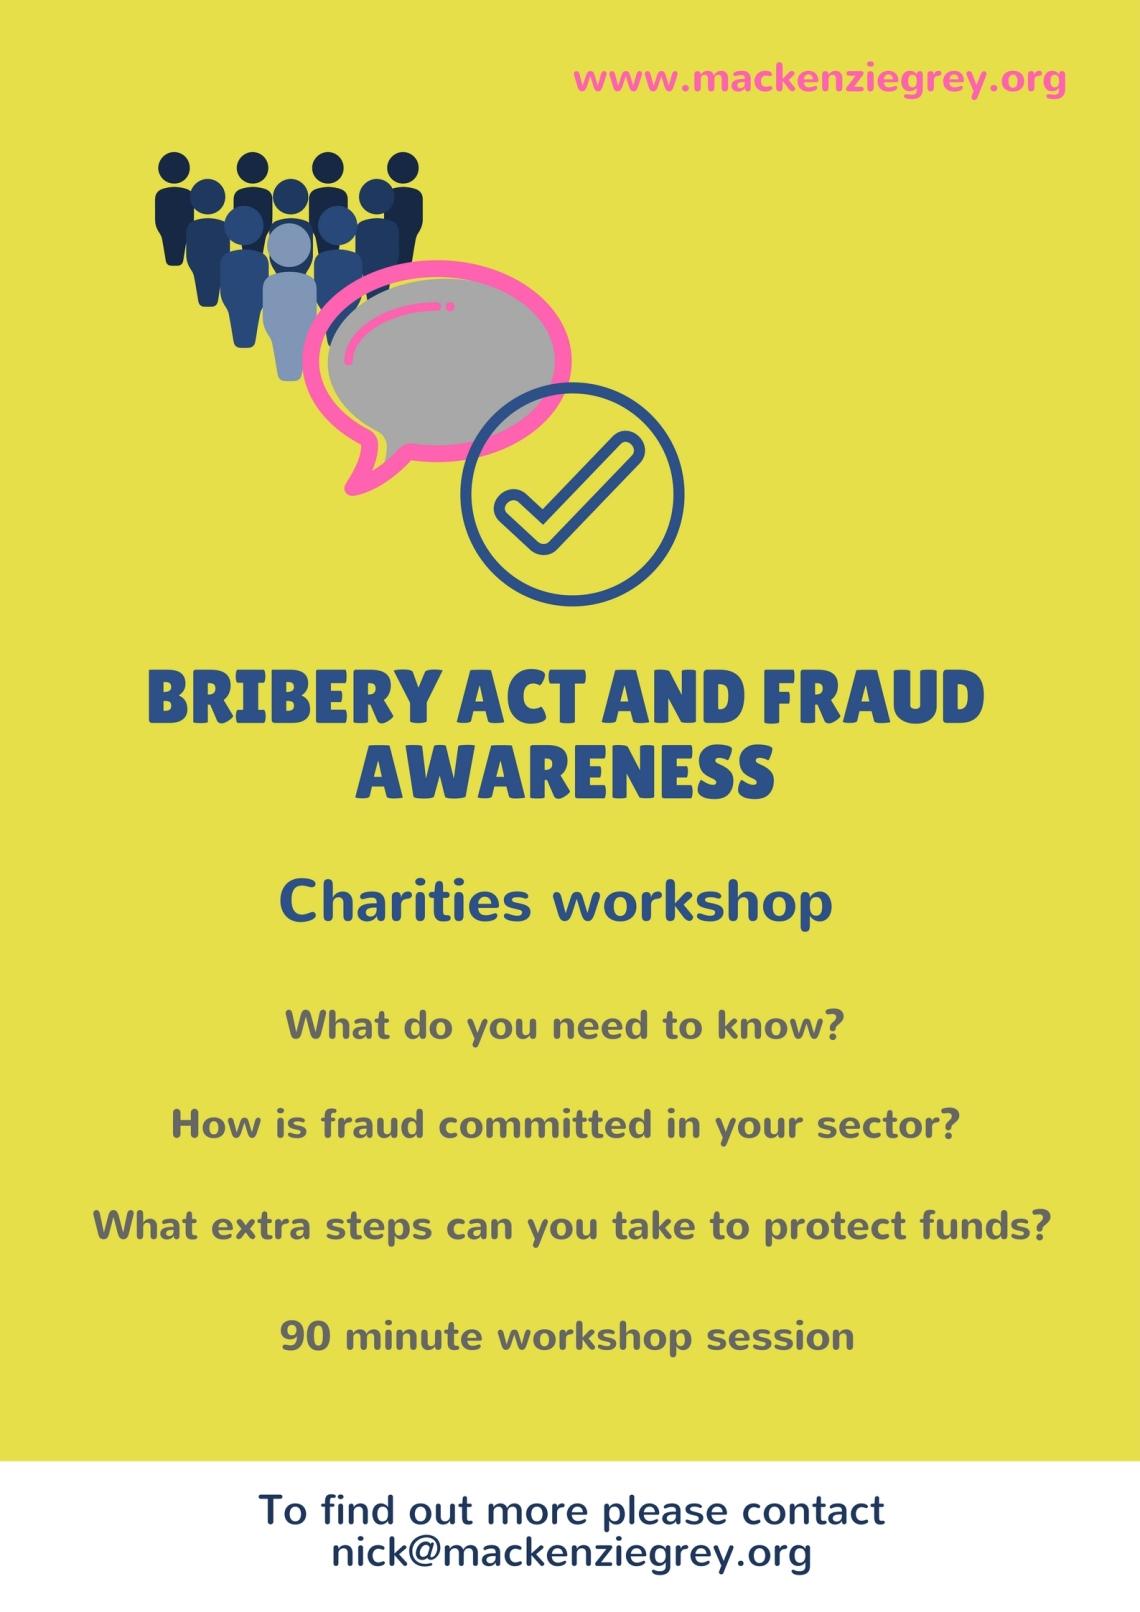 Bribery Act and fraud awareness - charities jpg